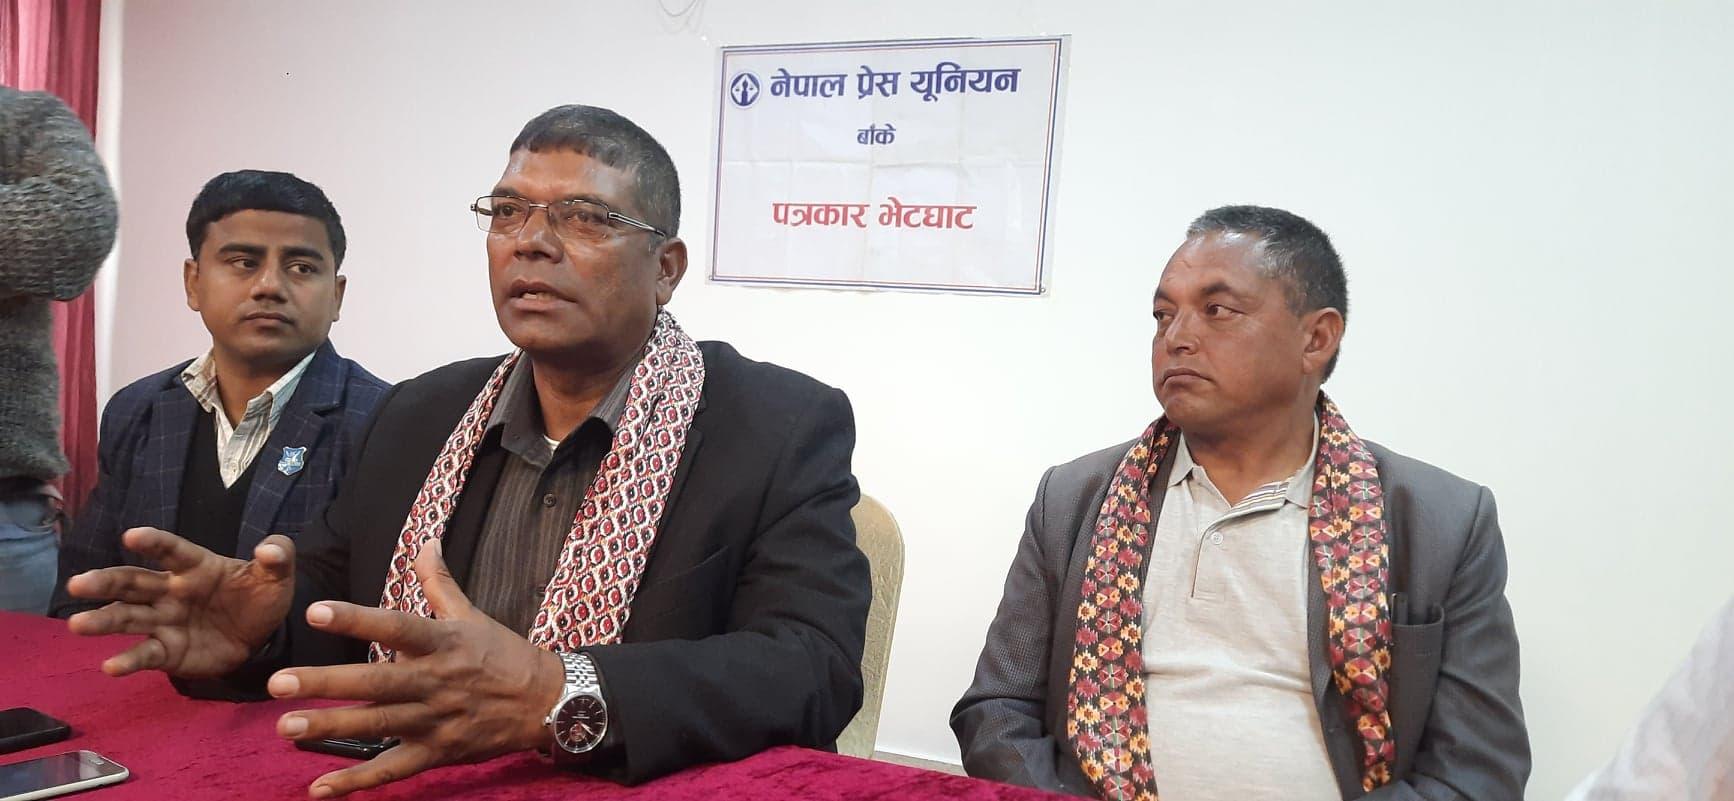 मुलुकलाई सही दिशामा अगाडी बढाउनका लागि सत्ताको नेतृत्व गर्न पछाडी नहट्ने नेपाली कांग्रेसका केन्द्रीय सदस्य जीवनबहादुर शाही